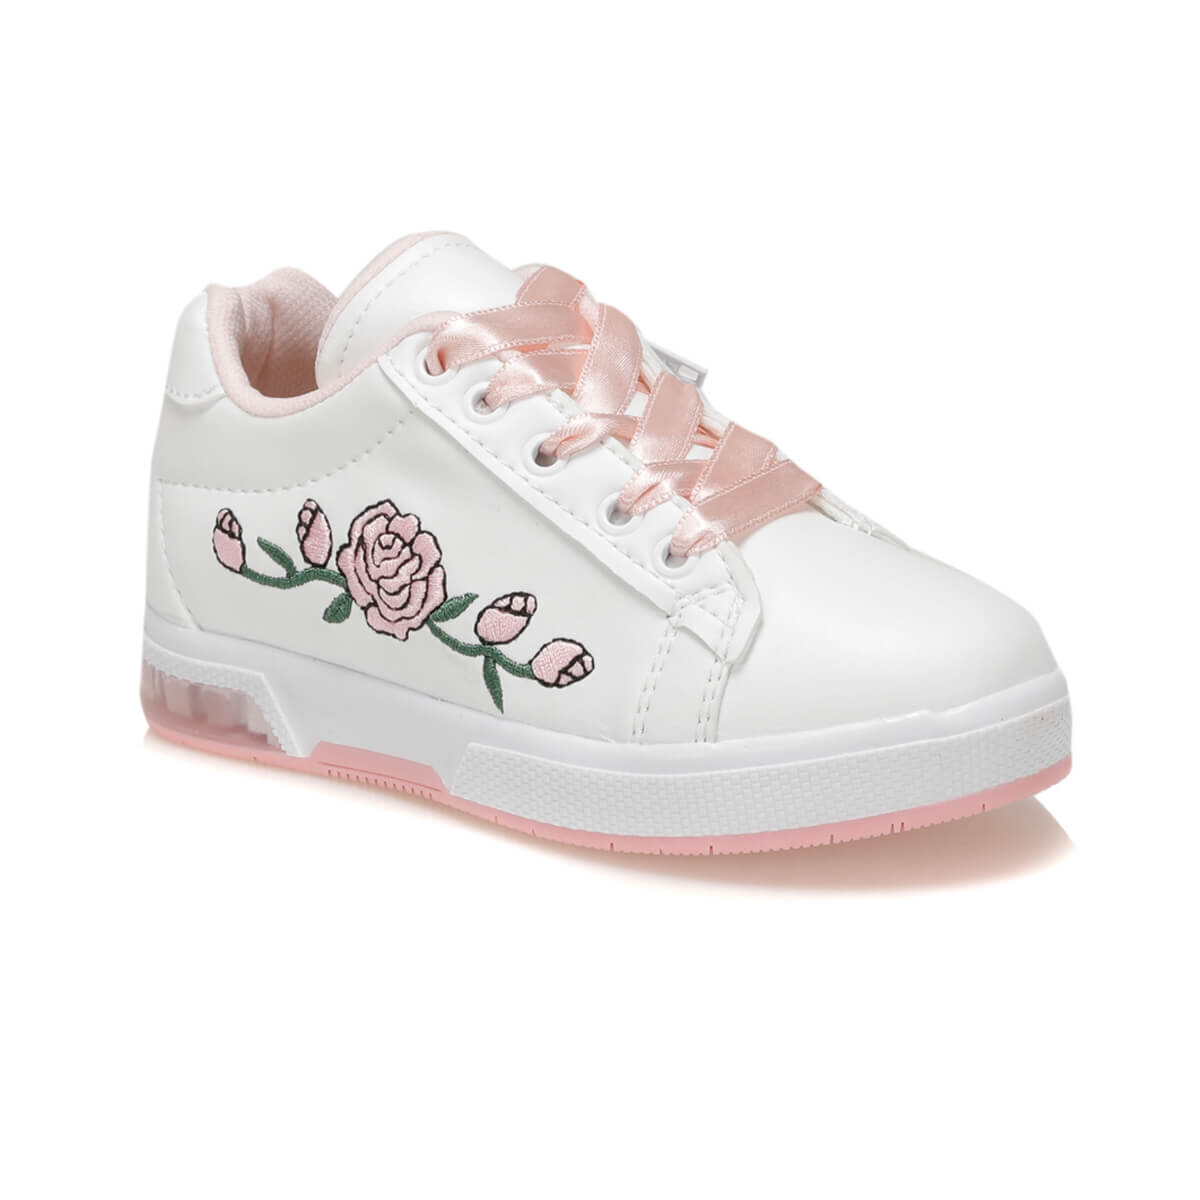 BEYAZ Kız Çocuk Sneaker Ayakkabı FLOWER-N